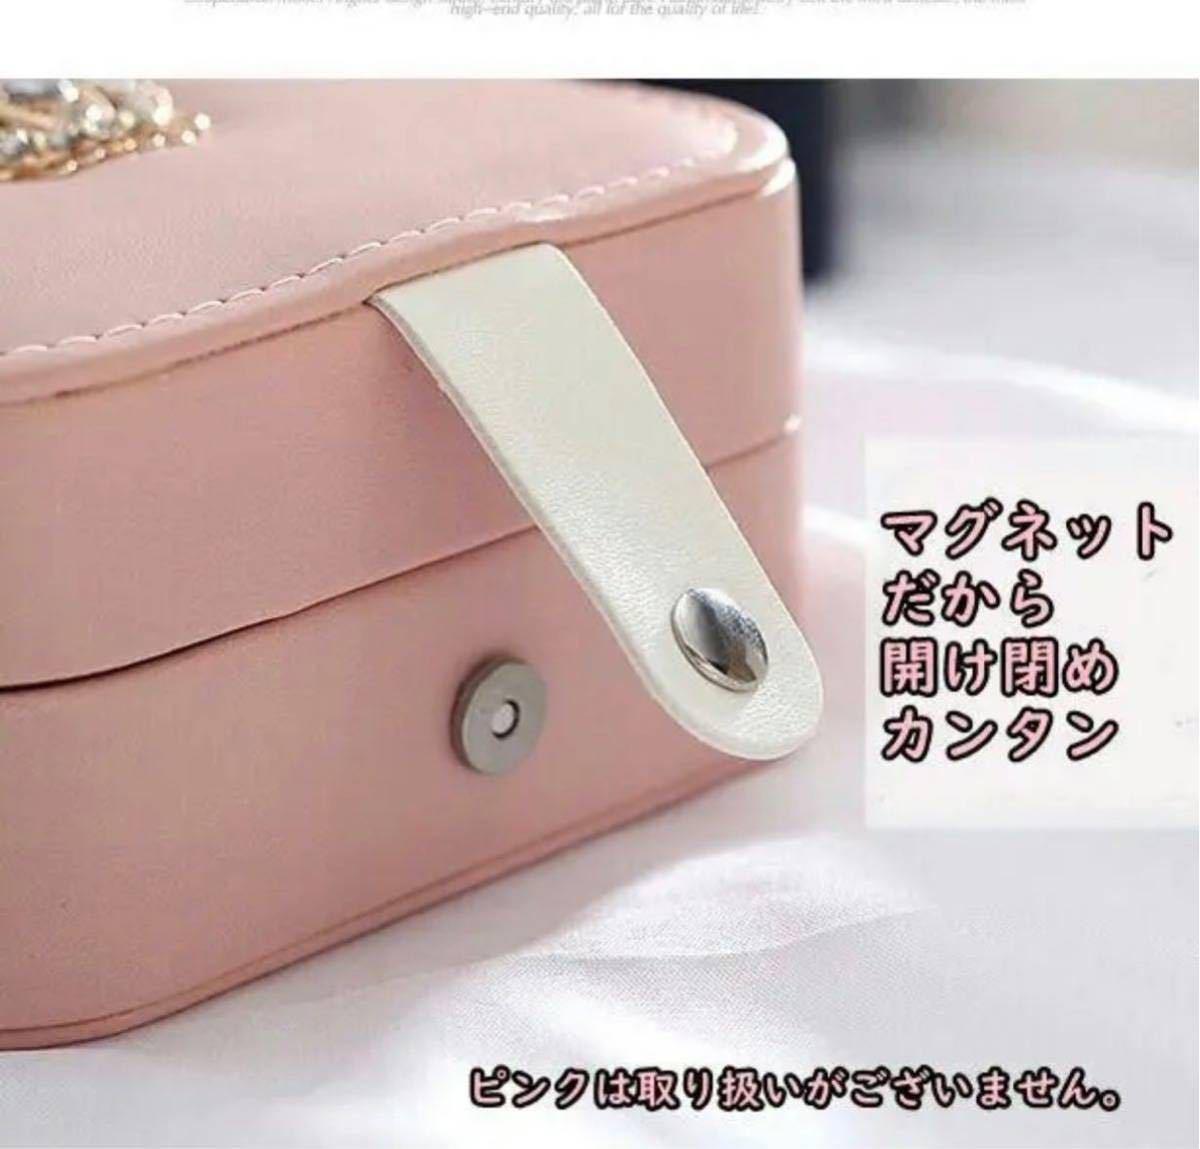 (ピンク)新品未使用・ジュエリーボックス アクセサリーケース 小物収納 ピアス イヤリング 指輪 ネックレス 収納_画像3